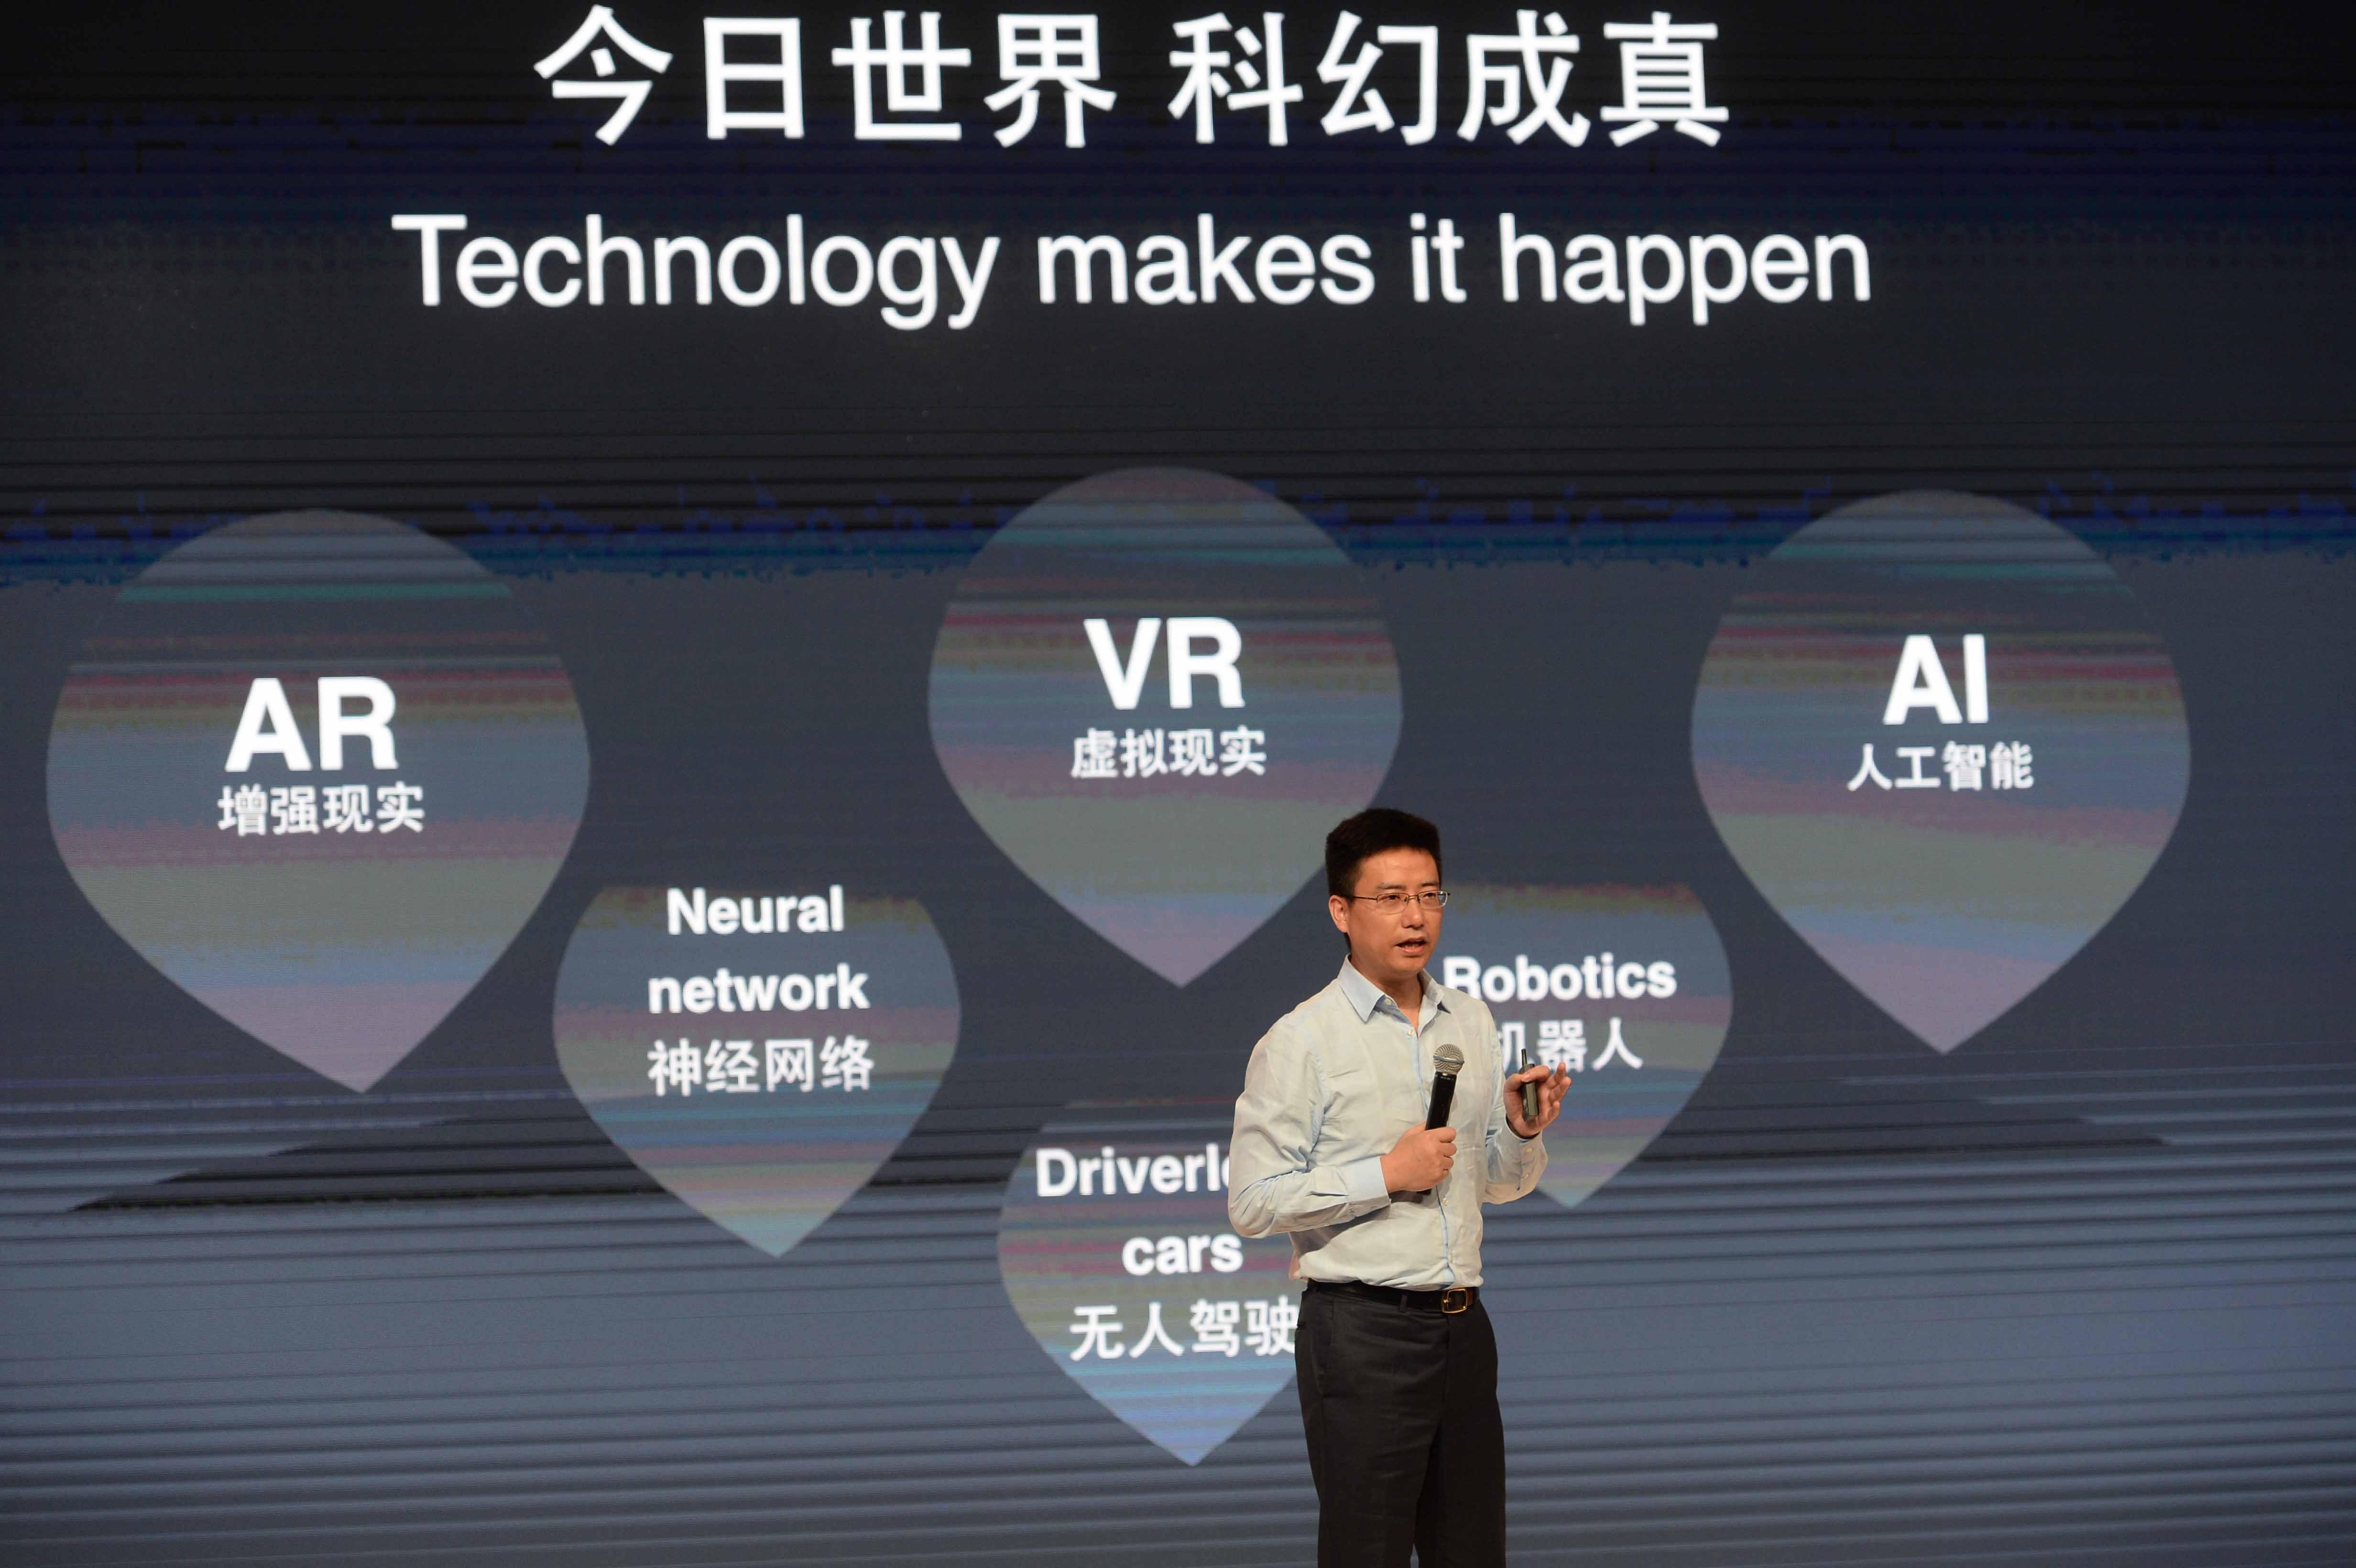 阿里云总裁胡晓明:智能设备很多但智能服务太少